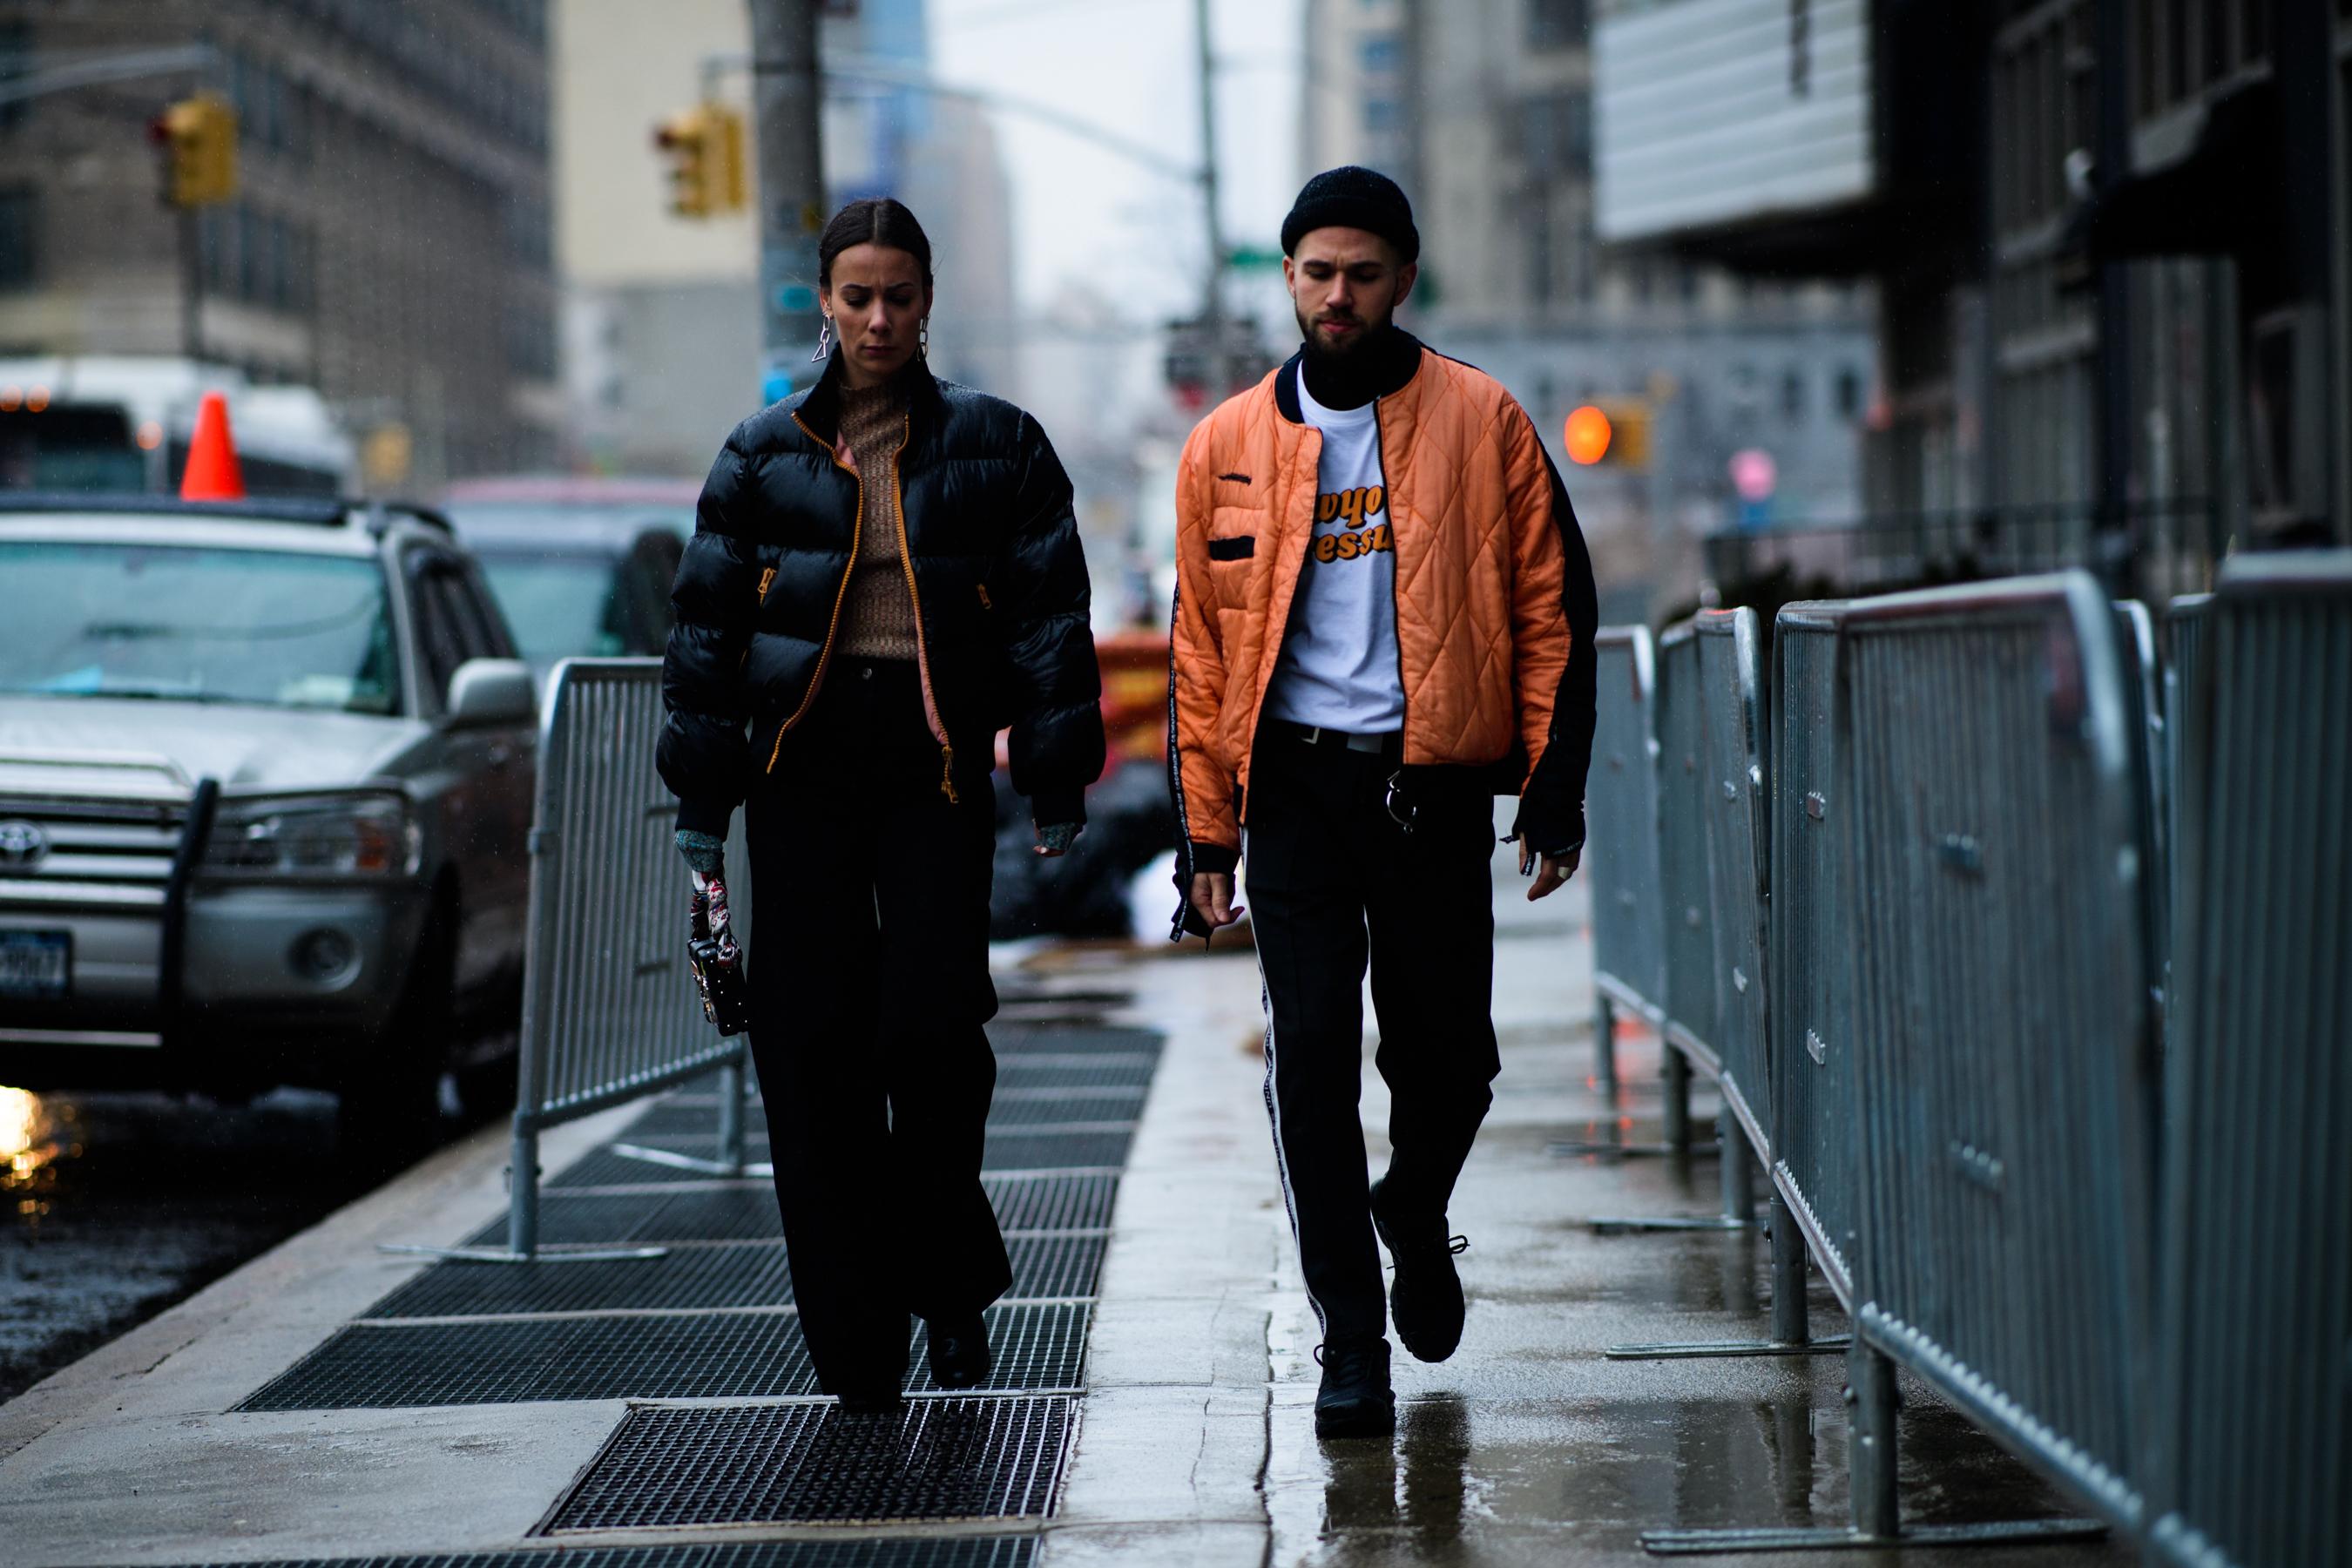 Le-21eme-Adam-Katz-Sinding-Alice-Barbier-Jean-Sebastien-Roques-New-York-Fashion-Week-Fall-Winter-2017-2018_AKS7519